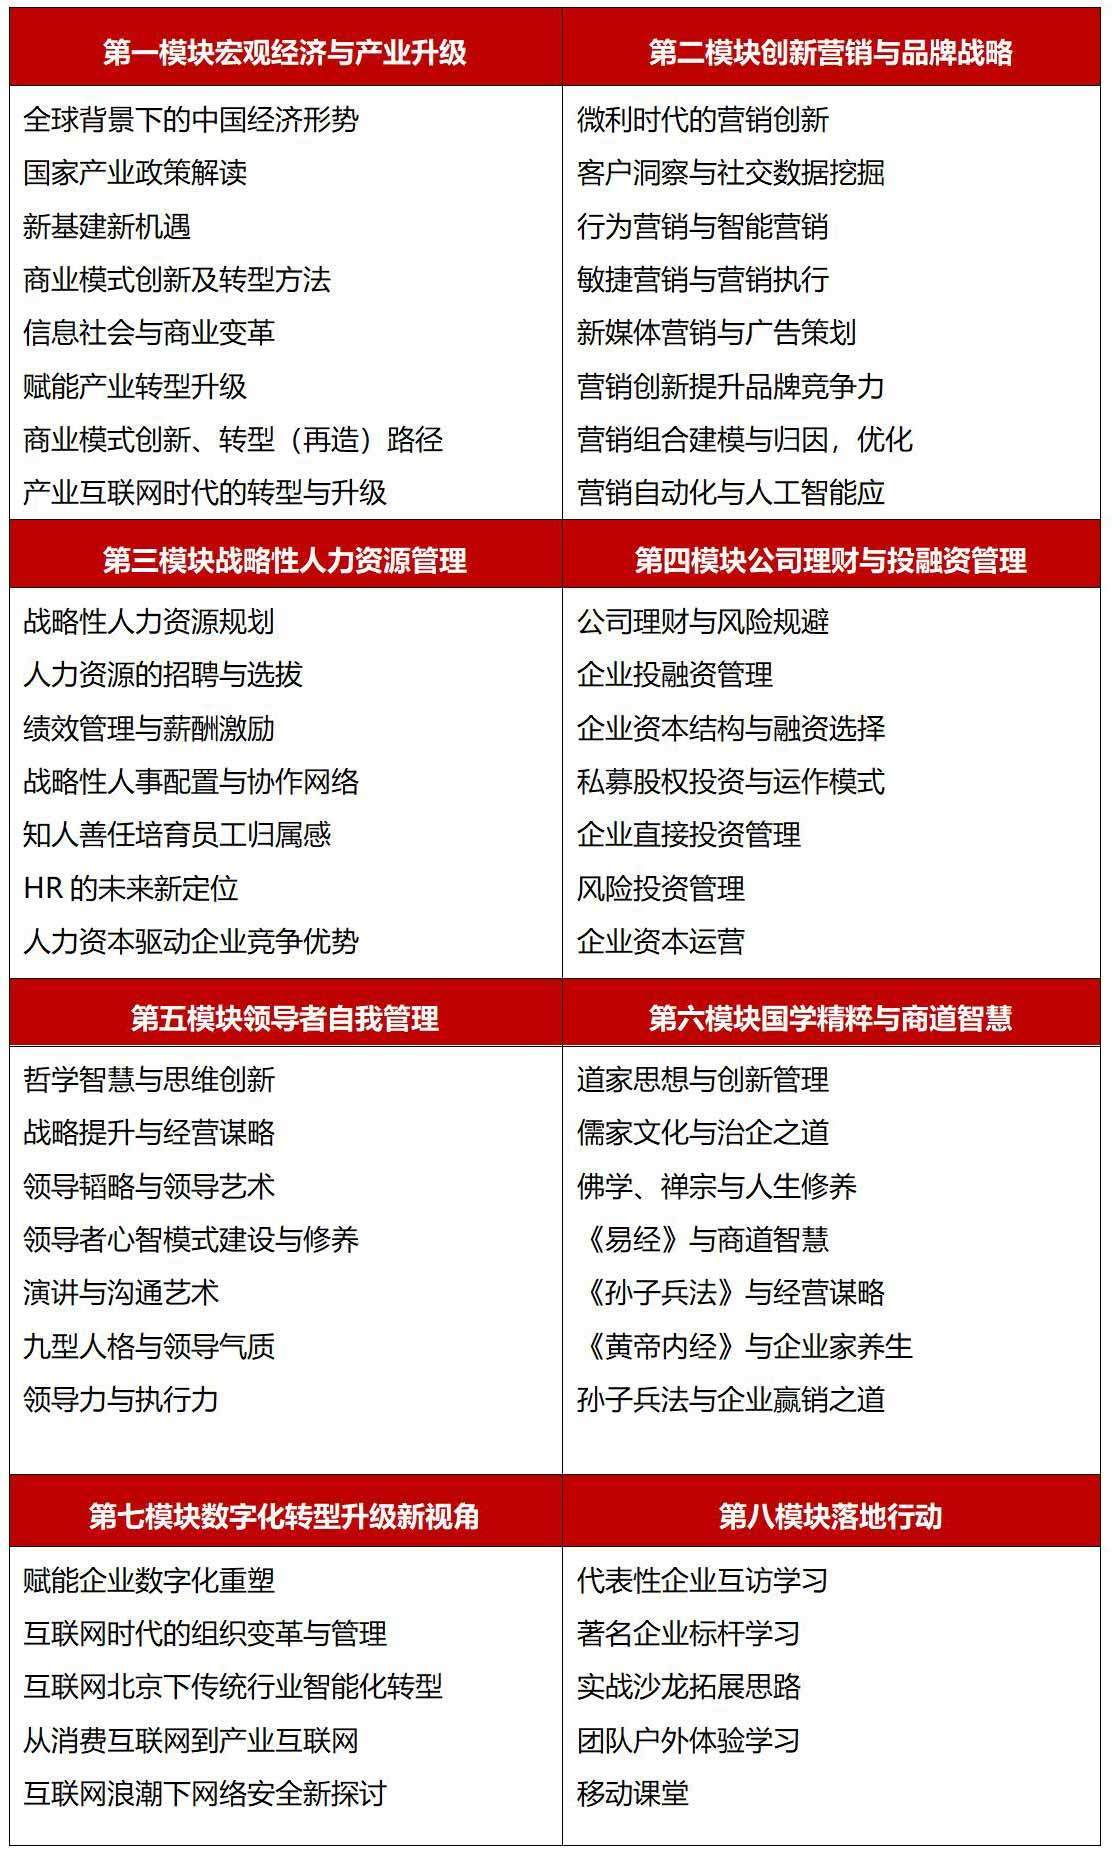 北京大学企业转型课程